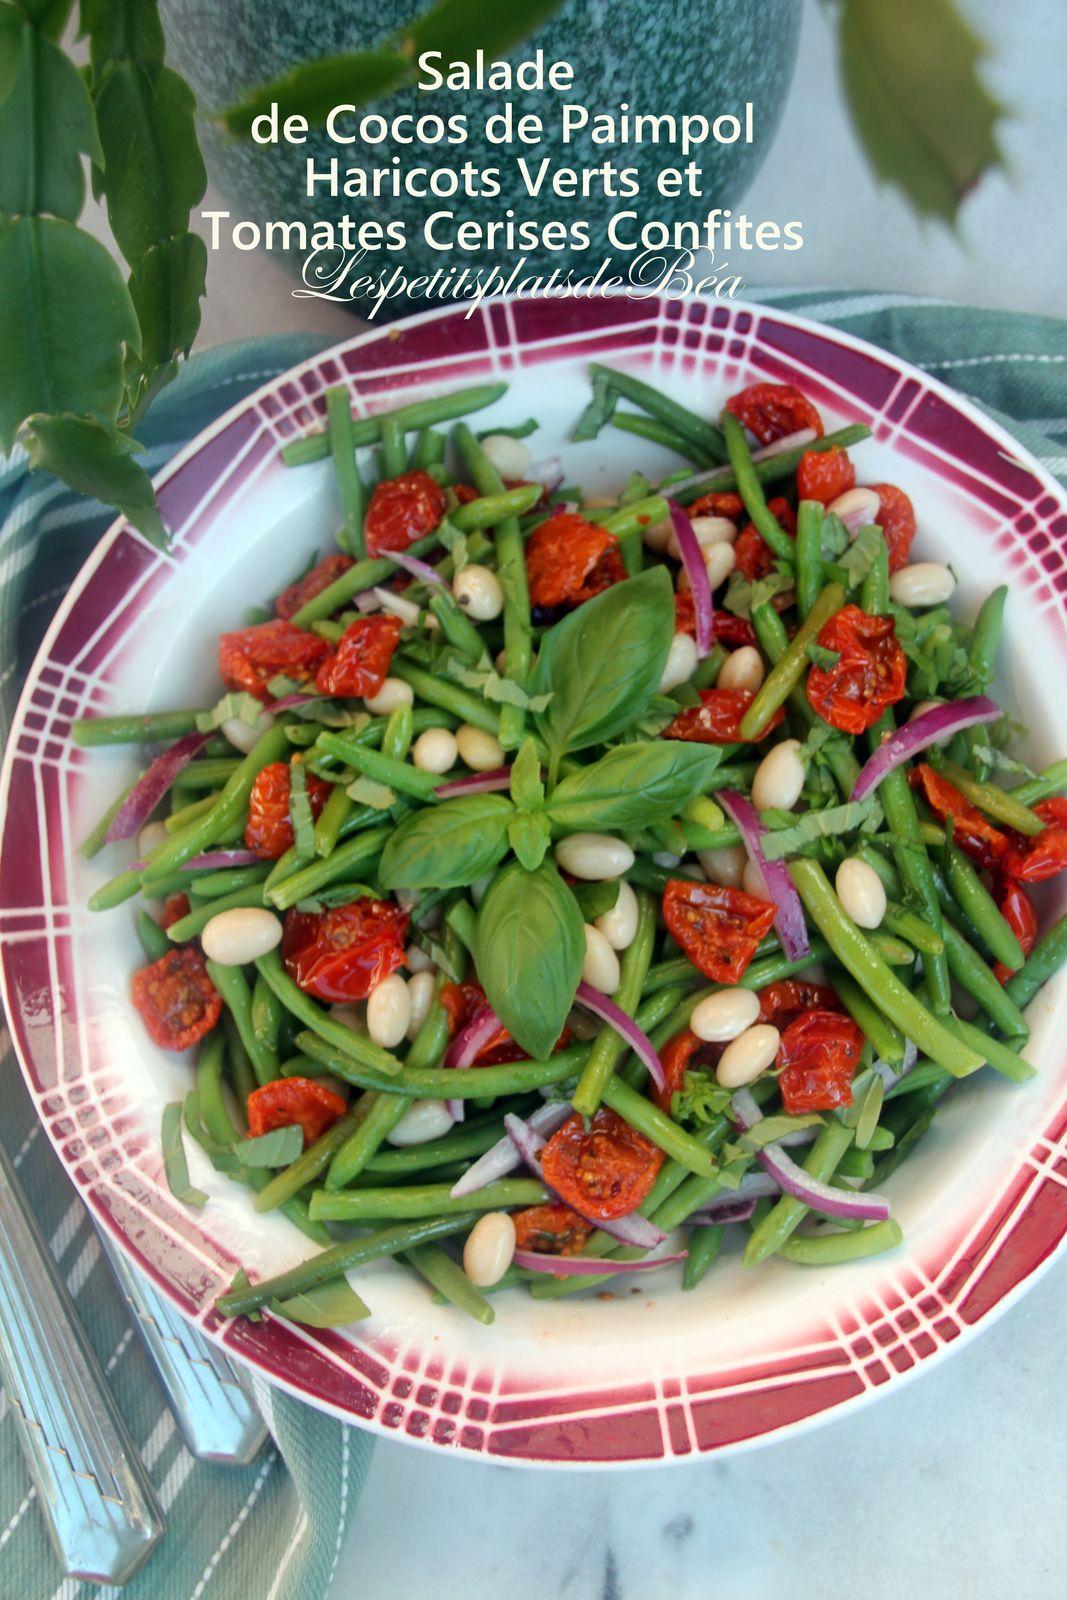 Salade des cocos et haricots verts aux tomates cerises confites